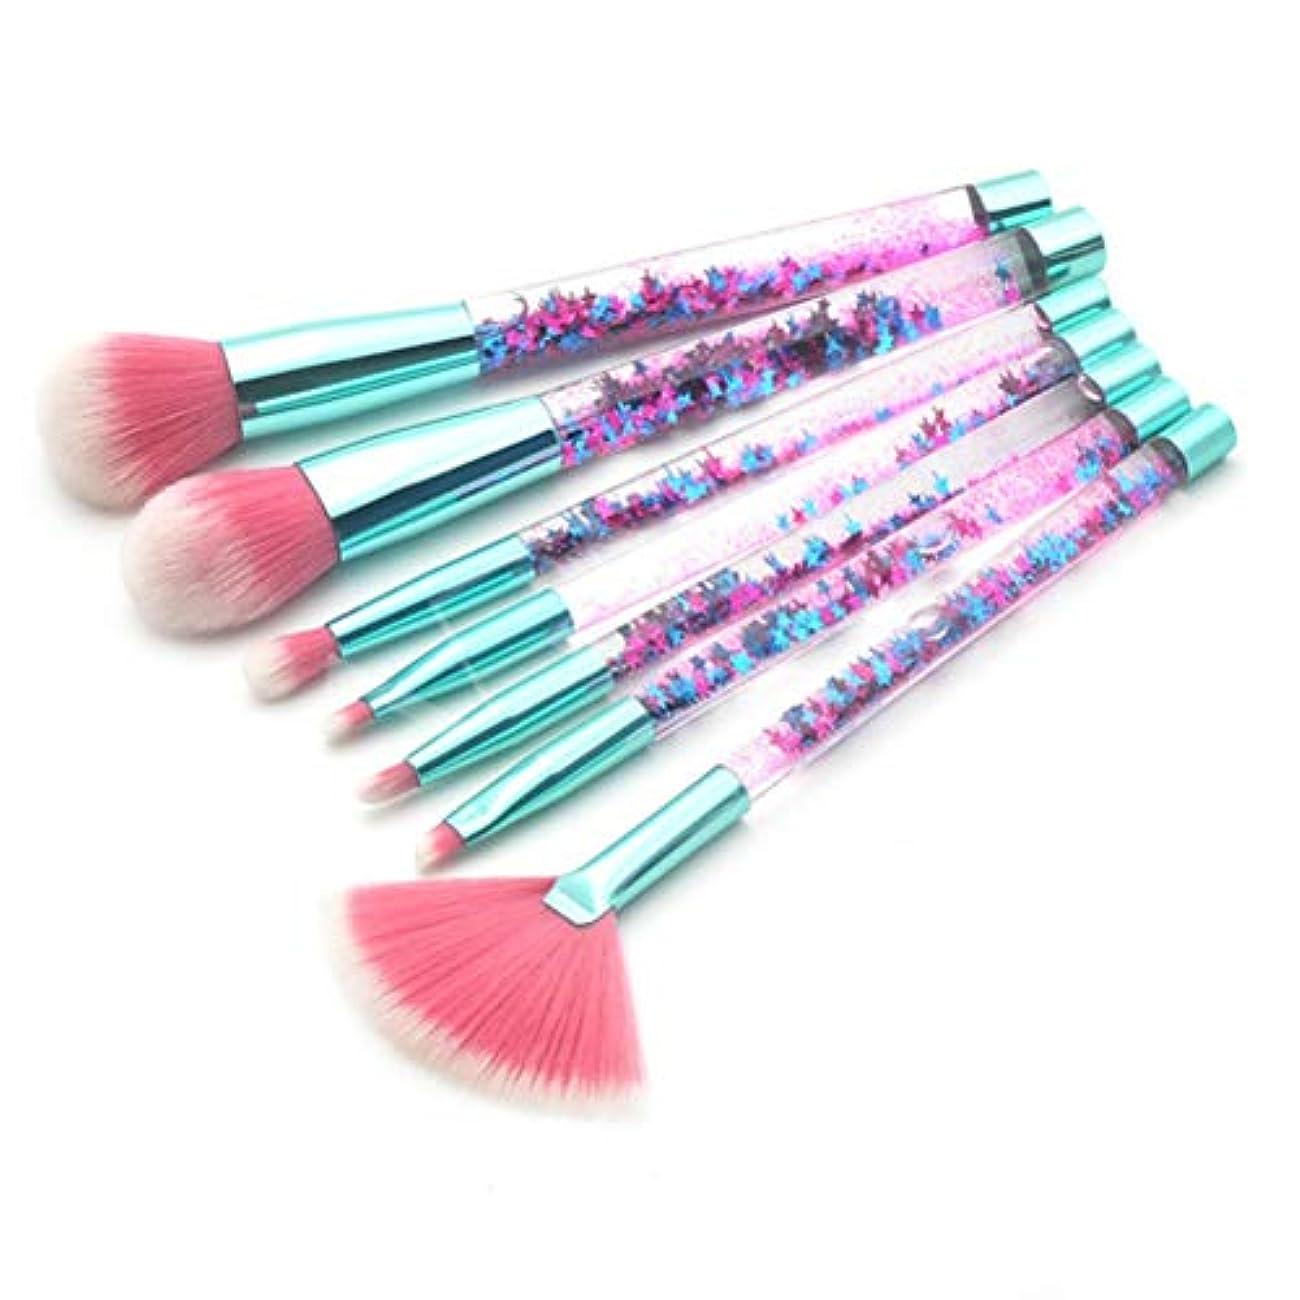 ベリー外向き乳製品LSHJP 化粧ブラシ 7個セット 化粧道具 レディース ビューティー きれいめ 簡単 カジュアル 便利 お出かけ 高品質 (Color : BlueGreen, Size : ワンサイズ)